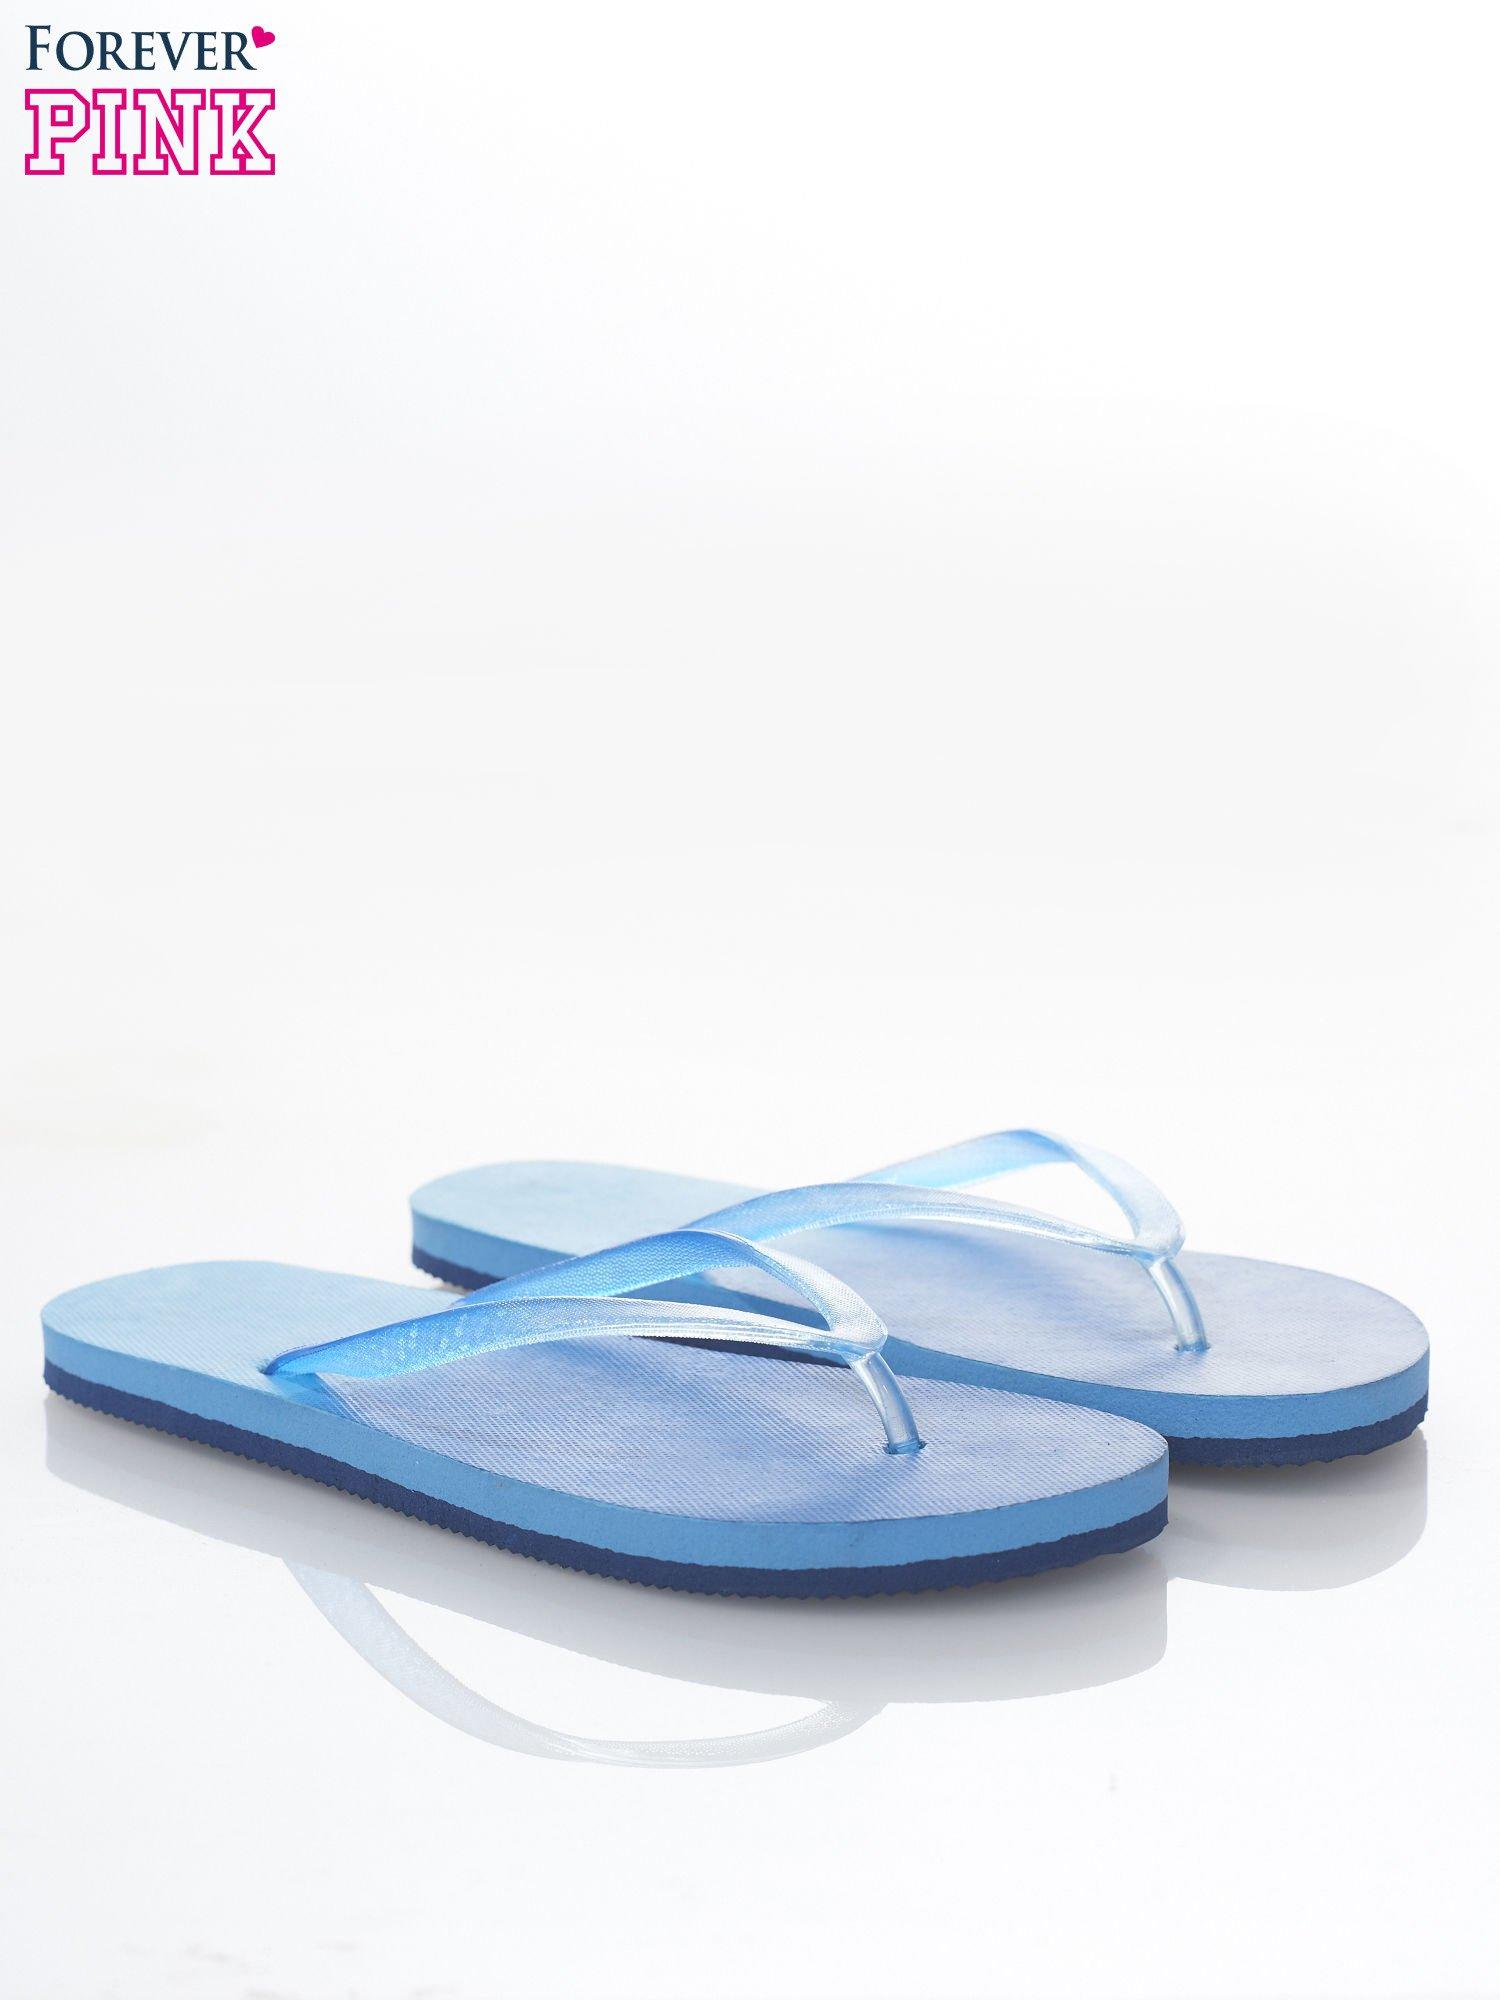 Niebieskie plażowe japonki damskie z błyszczącymi paskami                                  zdj.                                  2